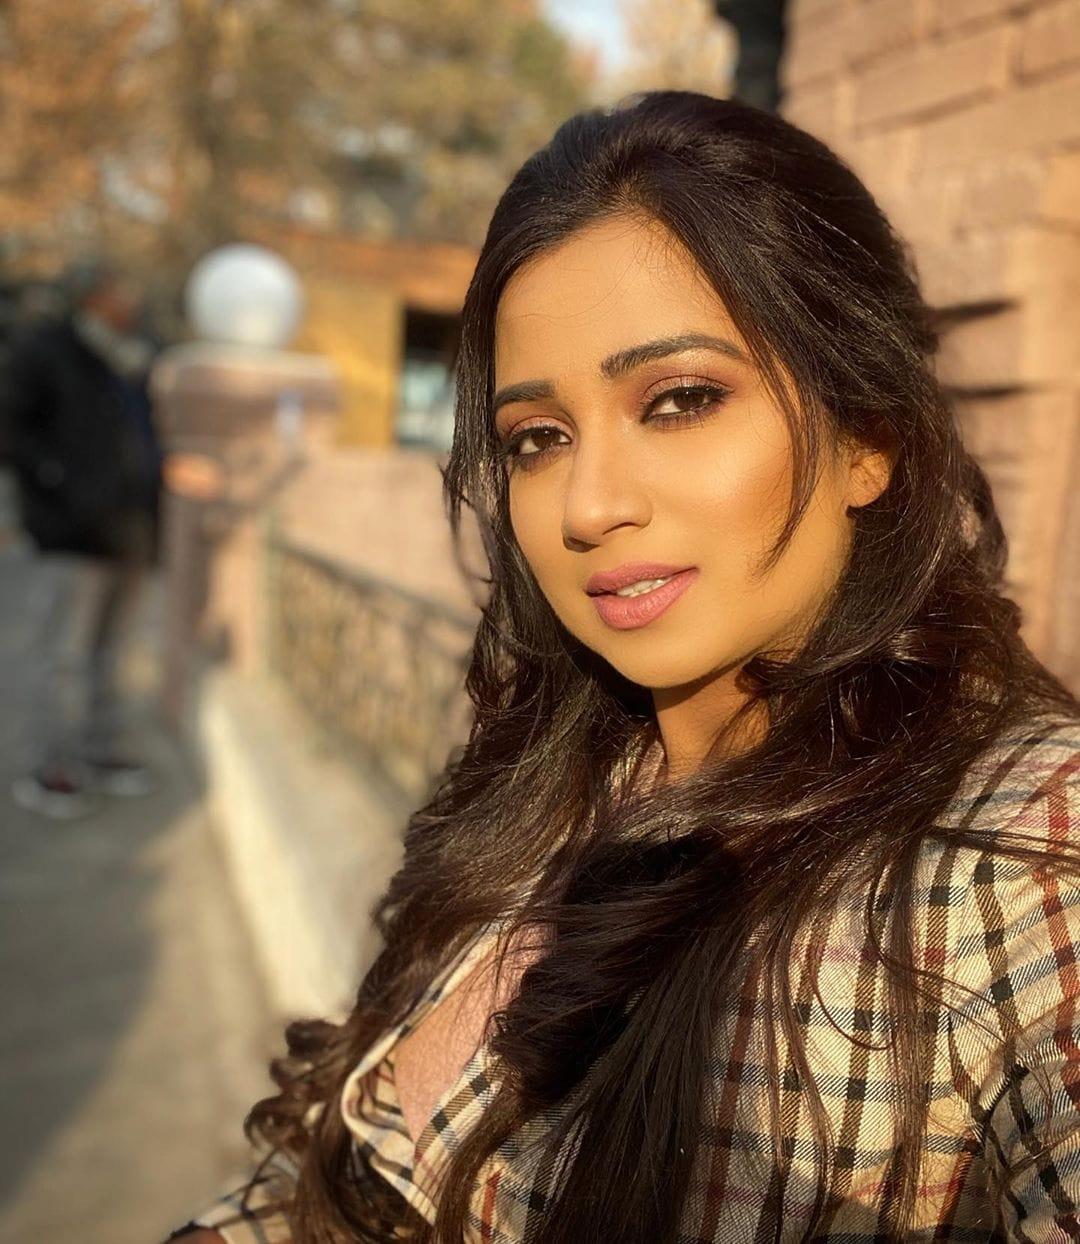 శ్రేయ ఘోషాల్ ఫోటోస్ Photo: Instagram.com/shreyaghoshal